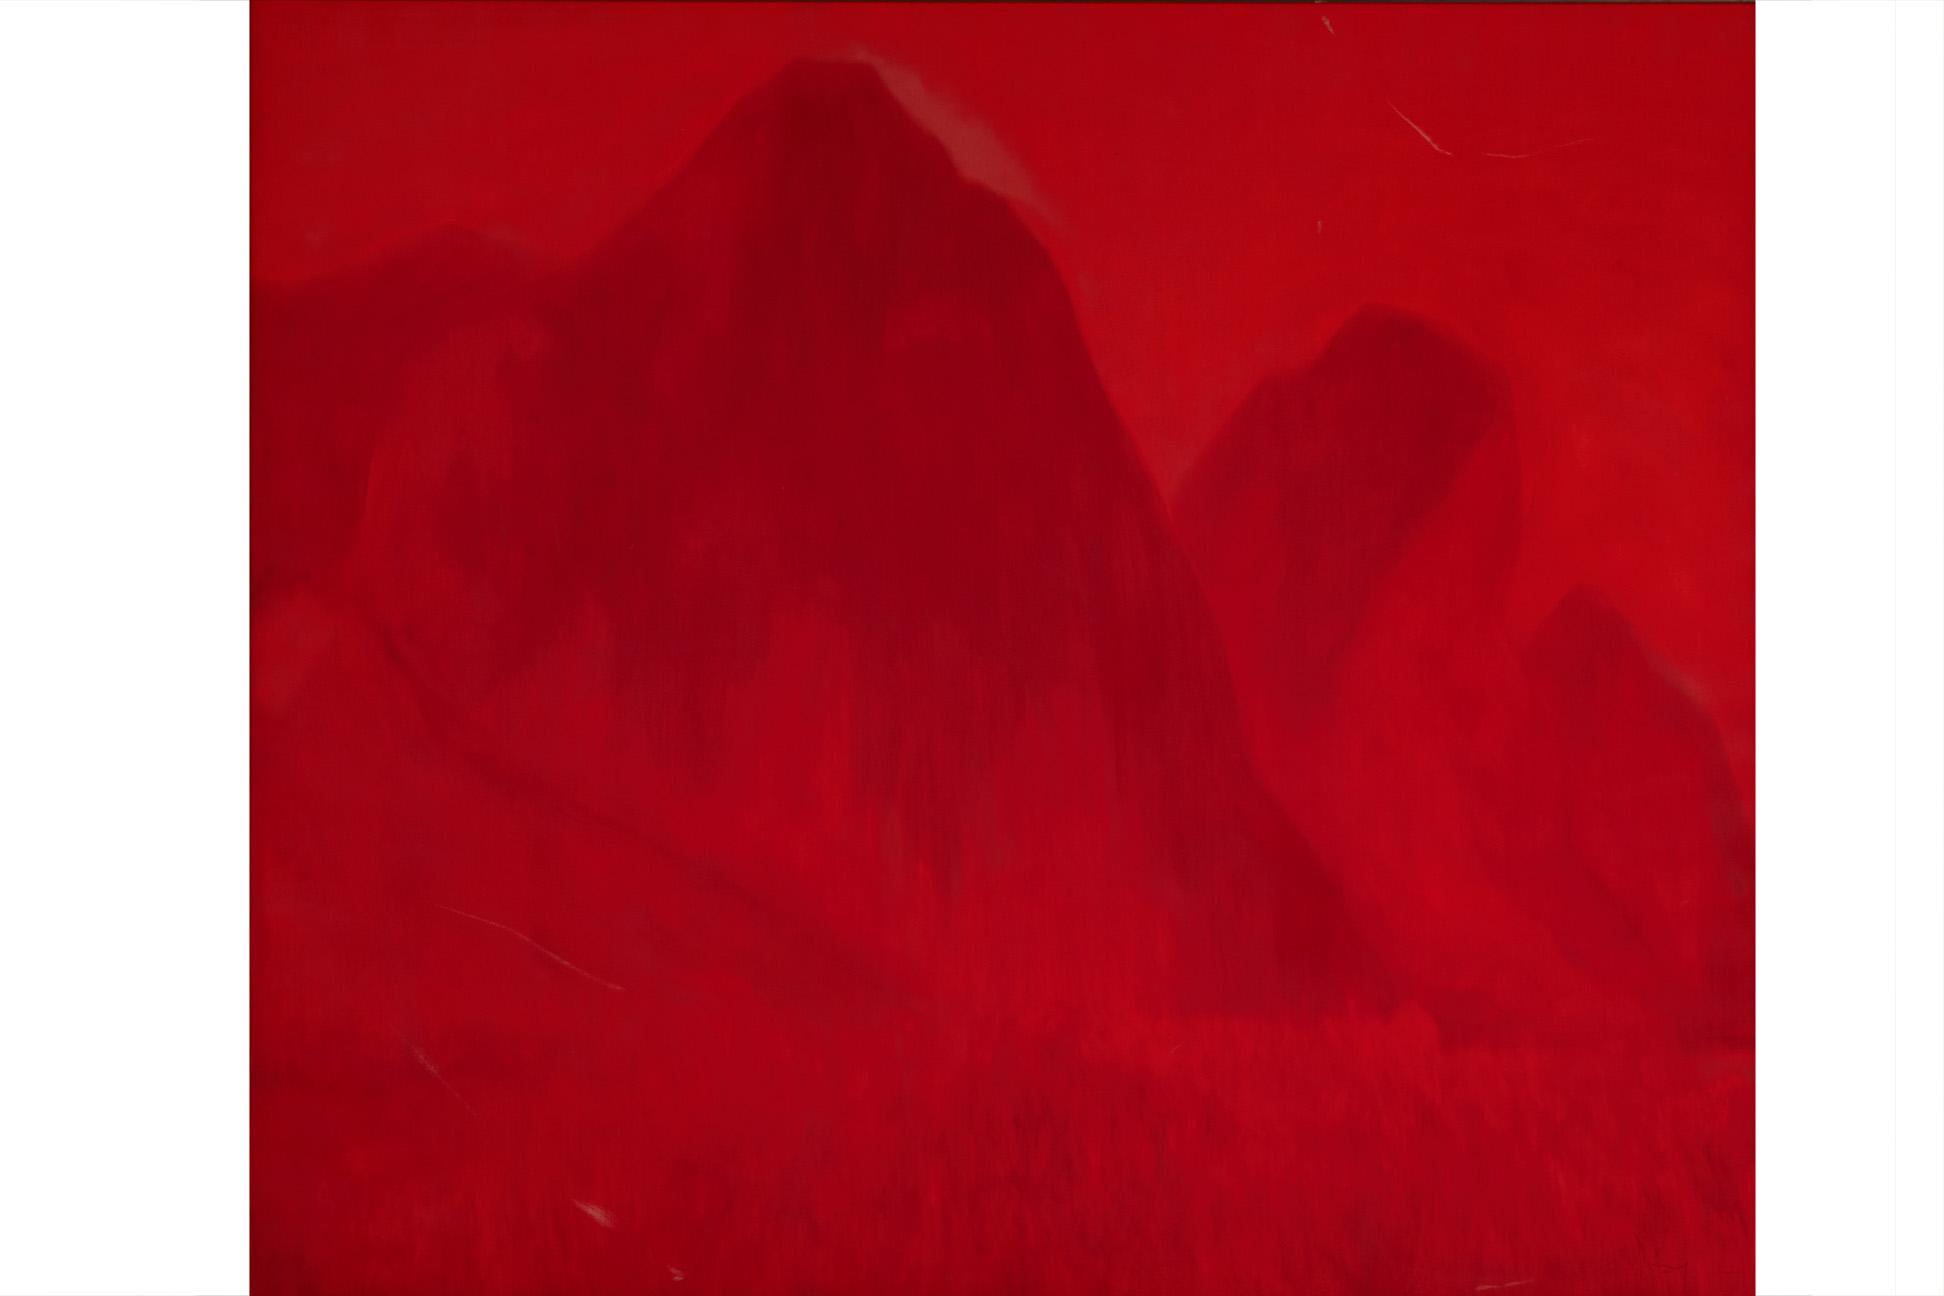 HOANG DUC DUNG (VIETNAMESE, B.1971) - MAJESTY MOUNTAIN